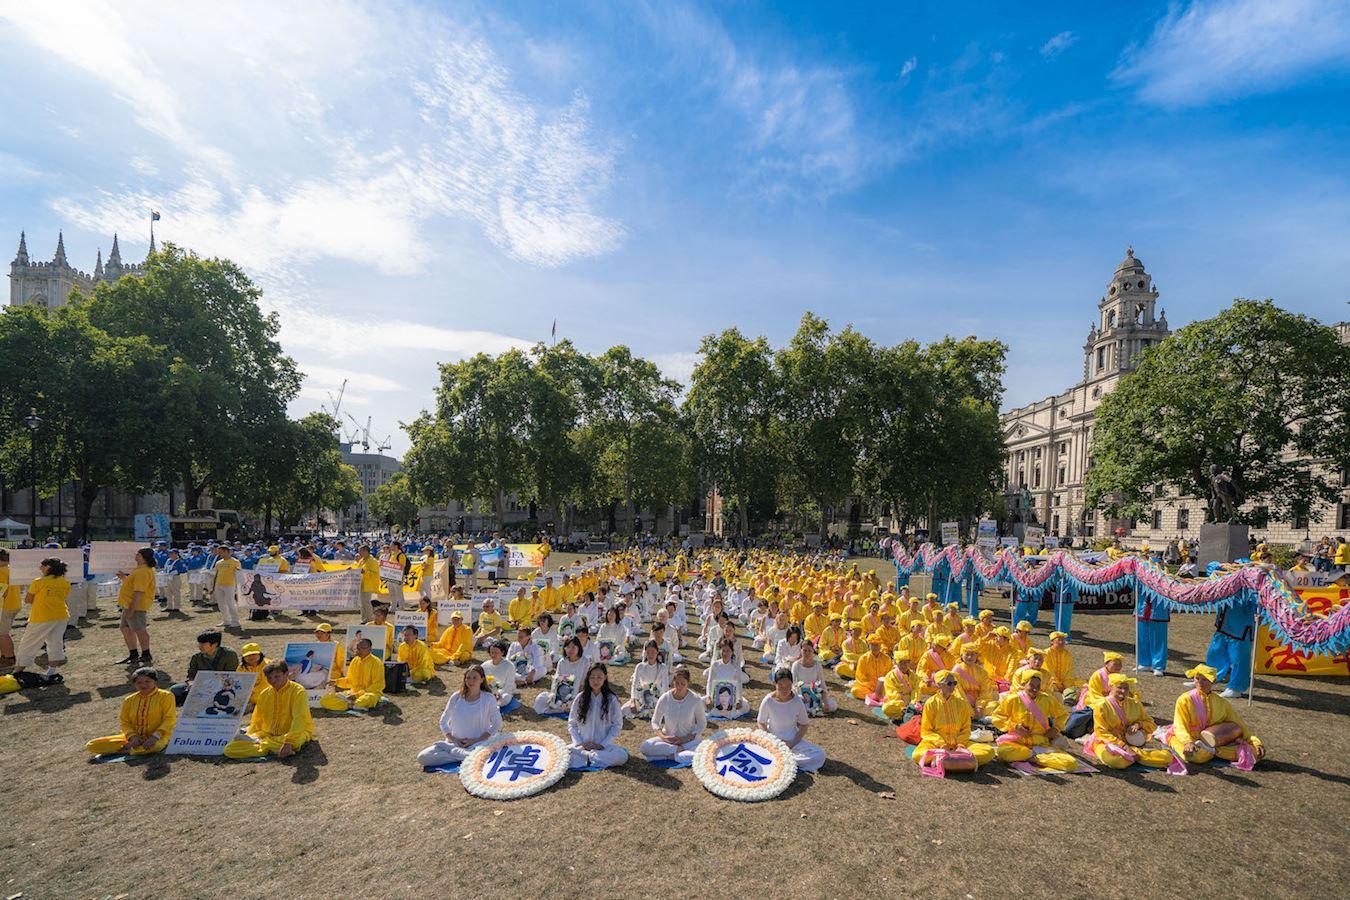 2019年8月30日上午,法輪功學員在英議會廣場集會,要求中共立即停止長達20年的殘酷迫害。(明慧網)